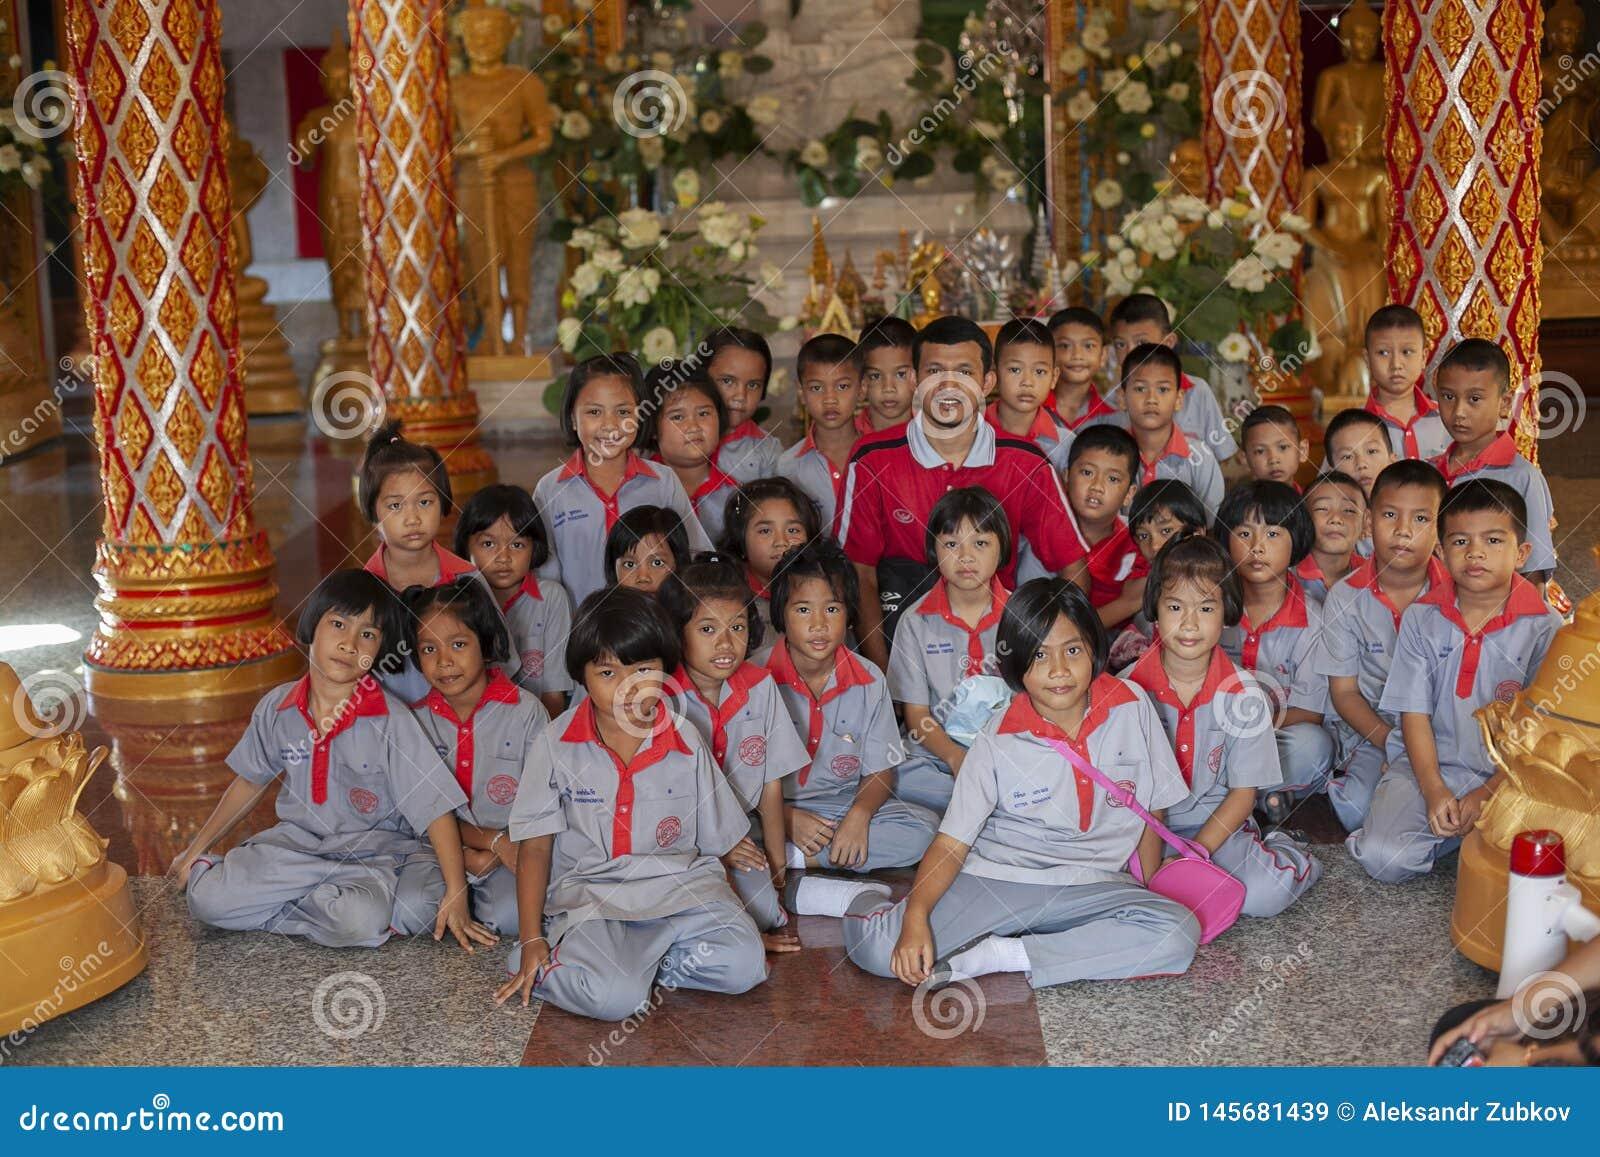 Thailand, Phuket, 01 18 2013 Grundschüler und ein Lehrer im Buddha-Tempel, Gruppenfoto Ausbildung Training